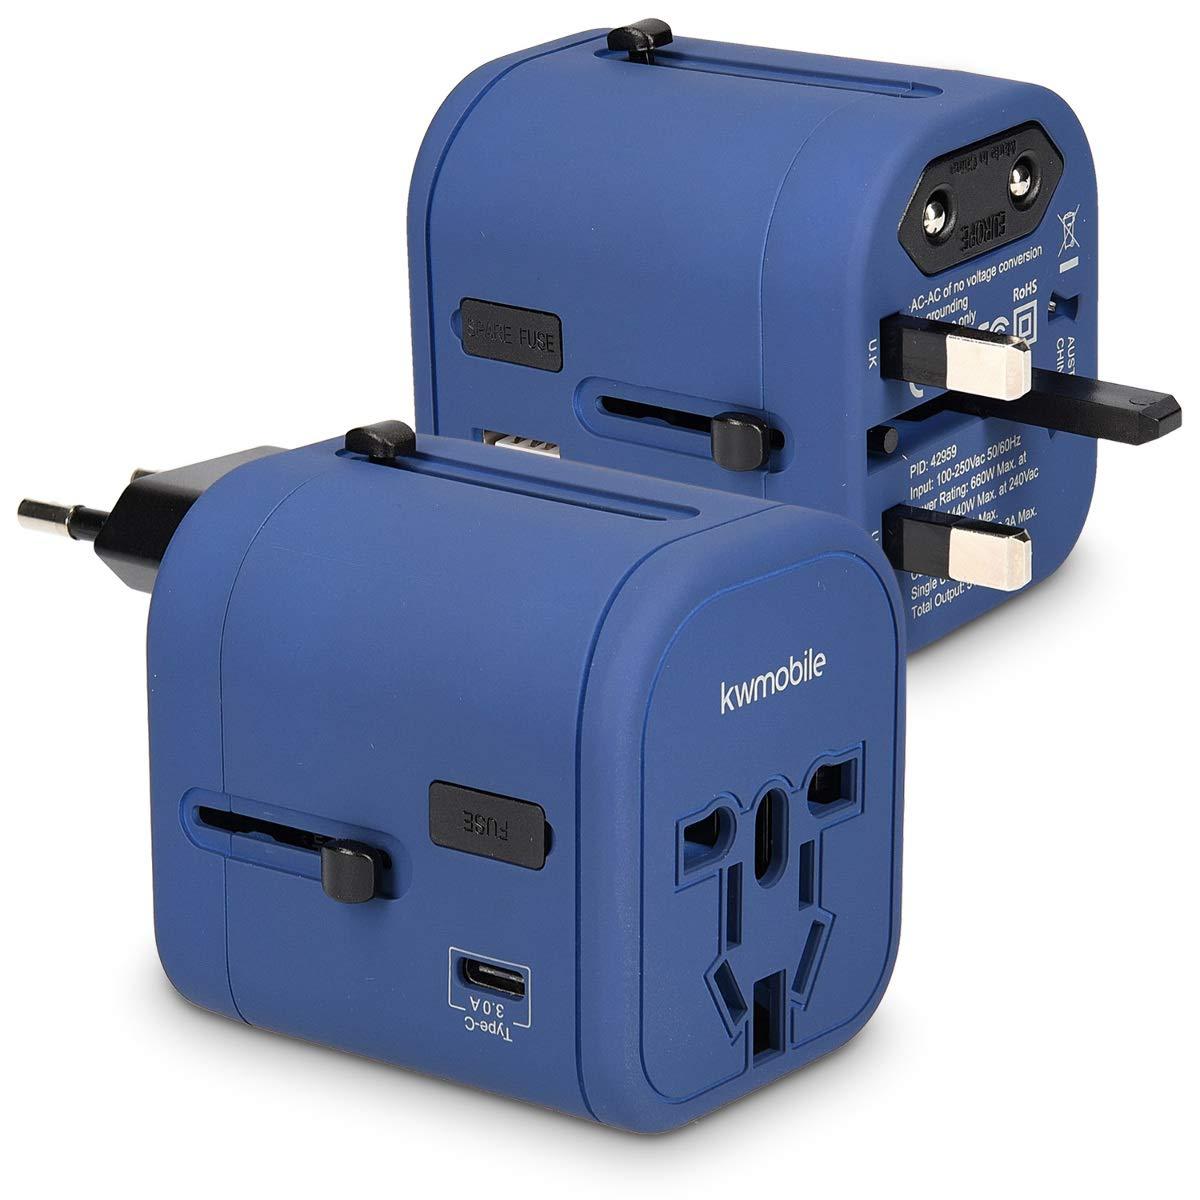 kwmobile Adaptateur Universel 150 Pays - Prise Universelle Voyage 4 Ports USB - Port 3A Type C - Prises électriques Prises de Courant - Bleu